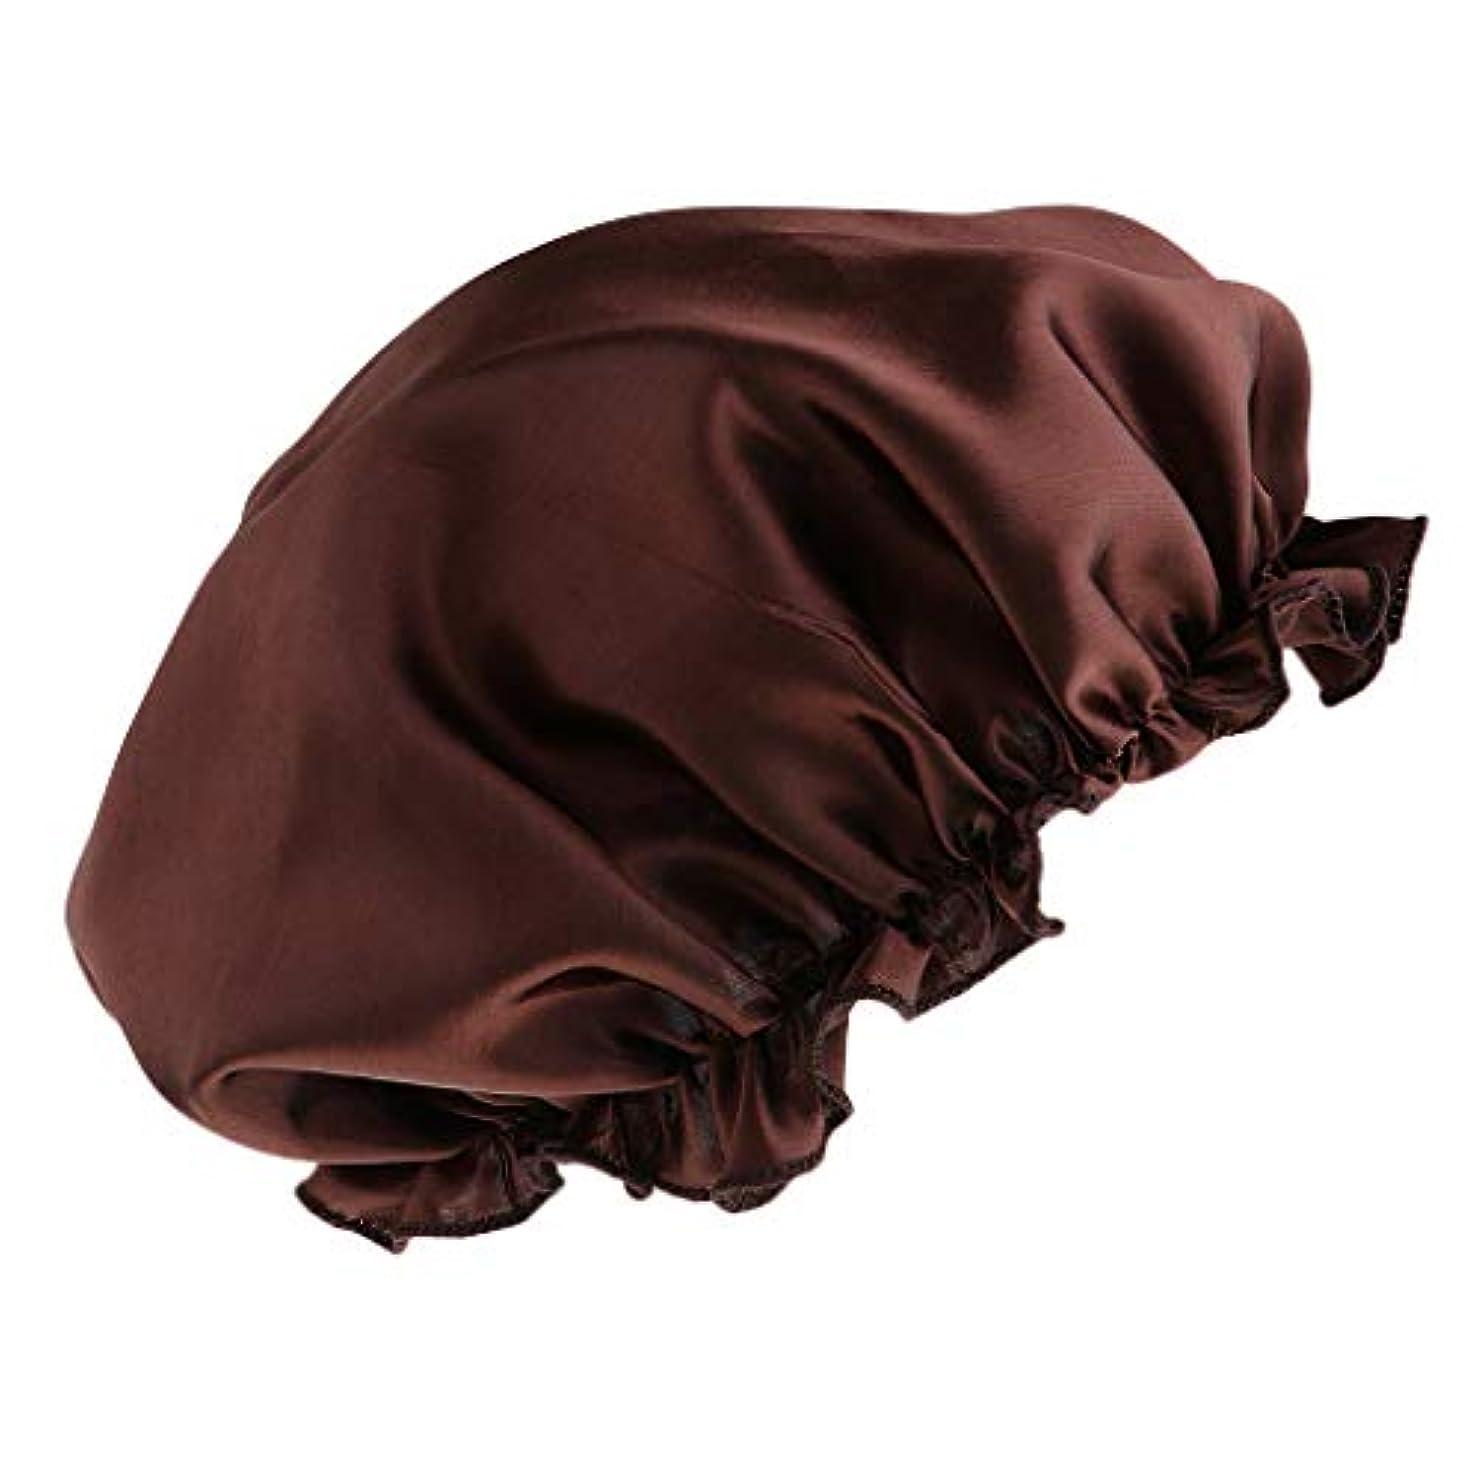 関係公園一致FLAMEER シャワーキャップ シルクサテンキャップ シルクサテン帽子 美容ヘッドカバー 浴用帽子 全8色 - コーヒー